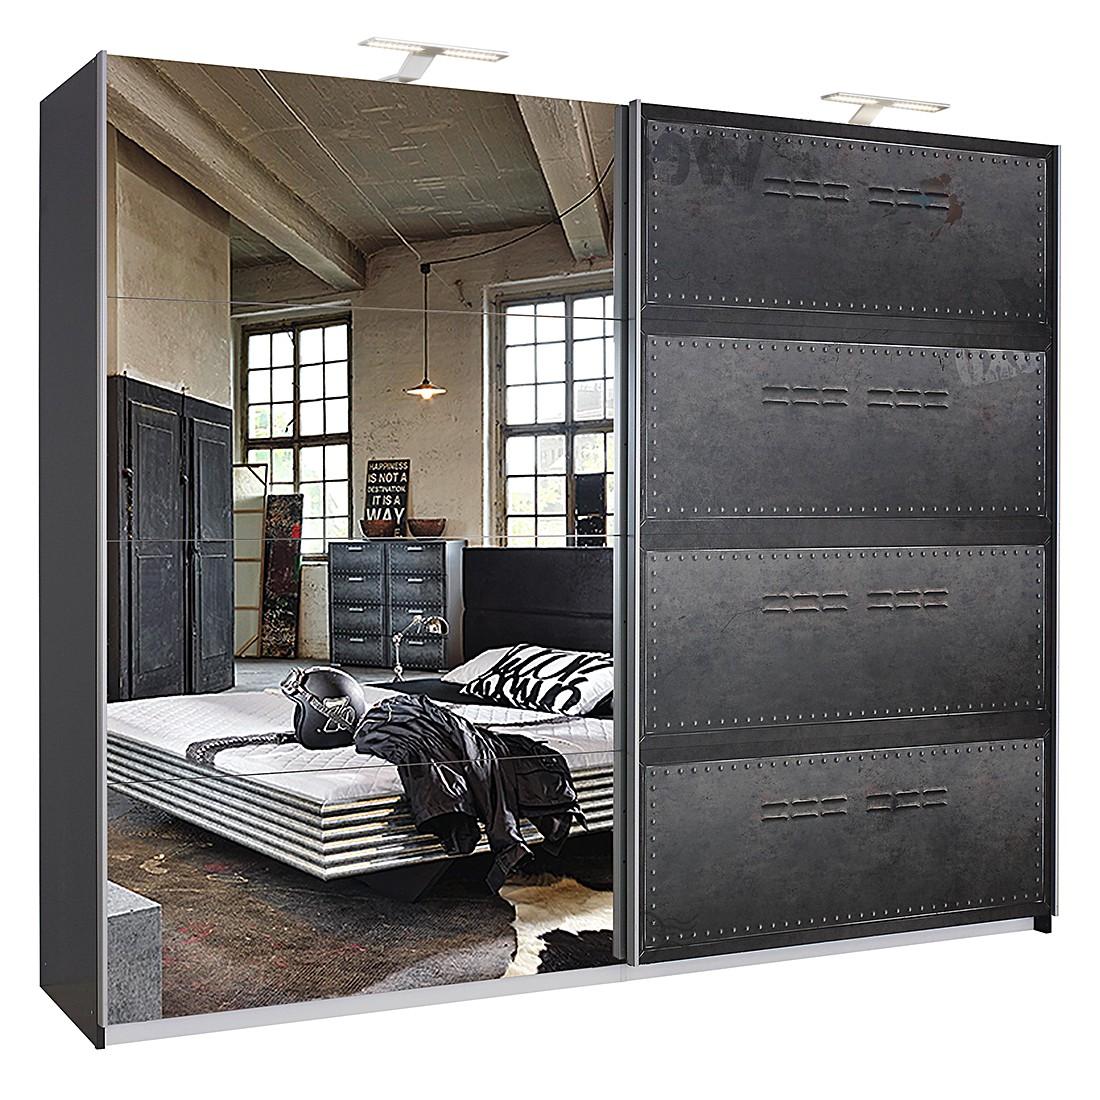 goedkoop Draaideurkast Workbase industrial print look grafietkleurig Met verlichting 136cm 2 deurs Rauch Select